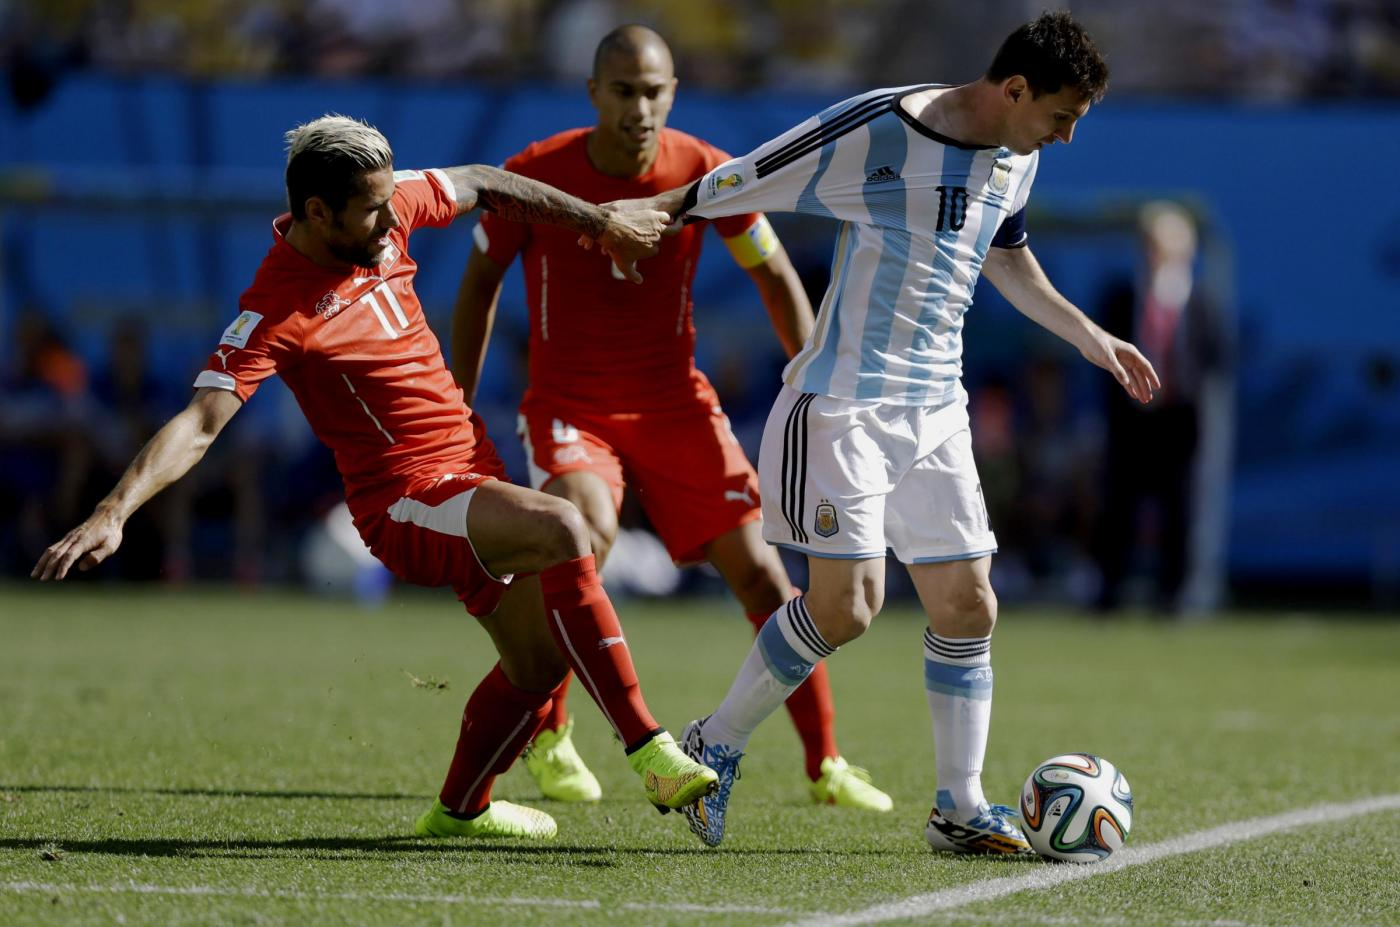 Mondiali 2014 Argentina Vs Svizzera Blitz Quotidiano